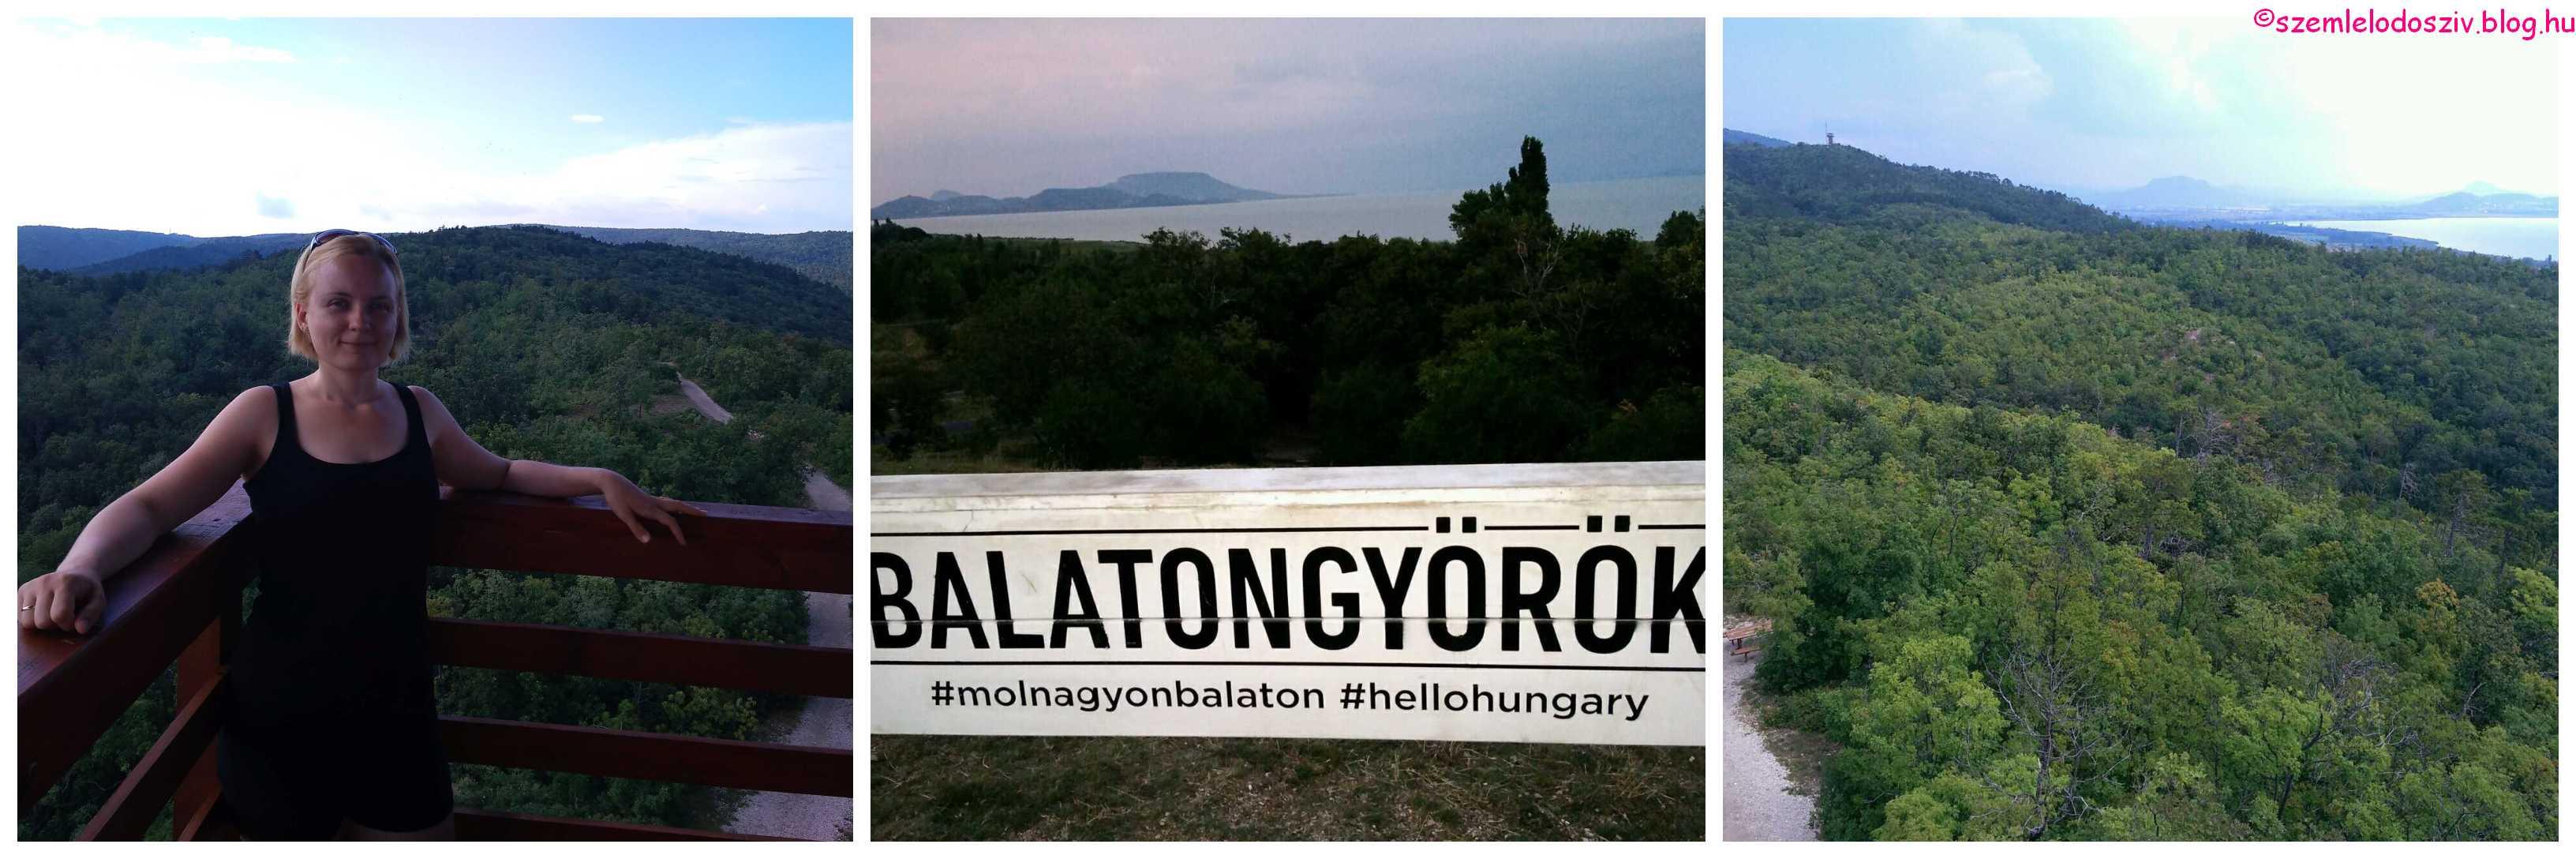 balatongyorok_befunky-collage-5.jpg